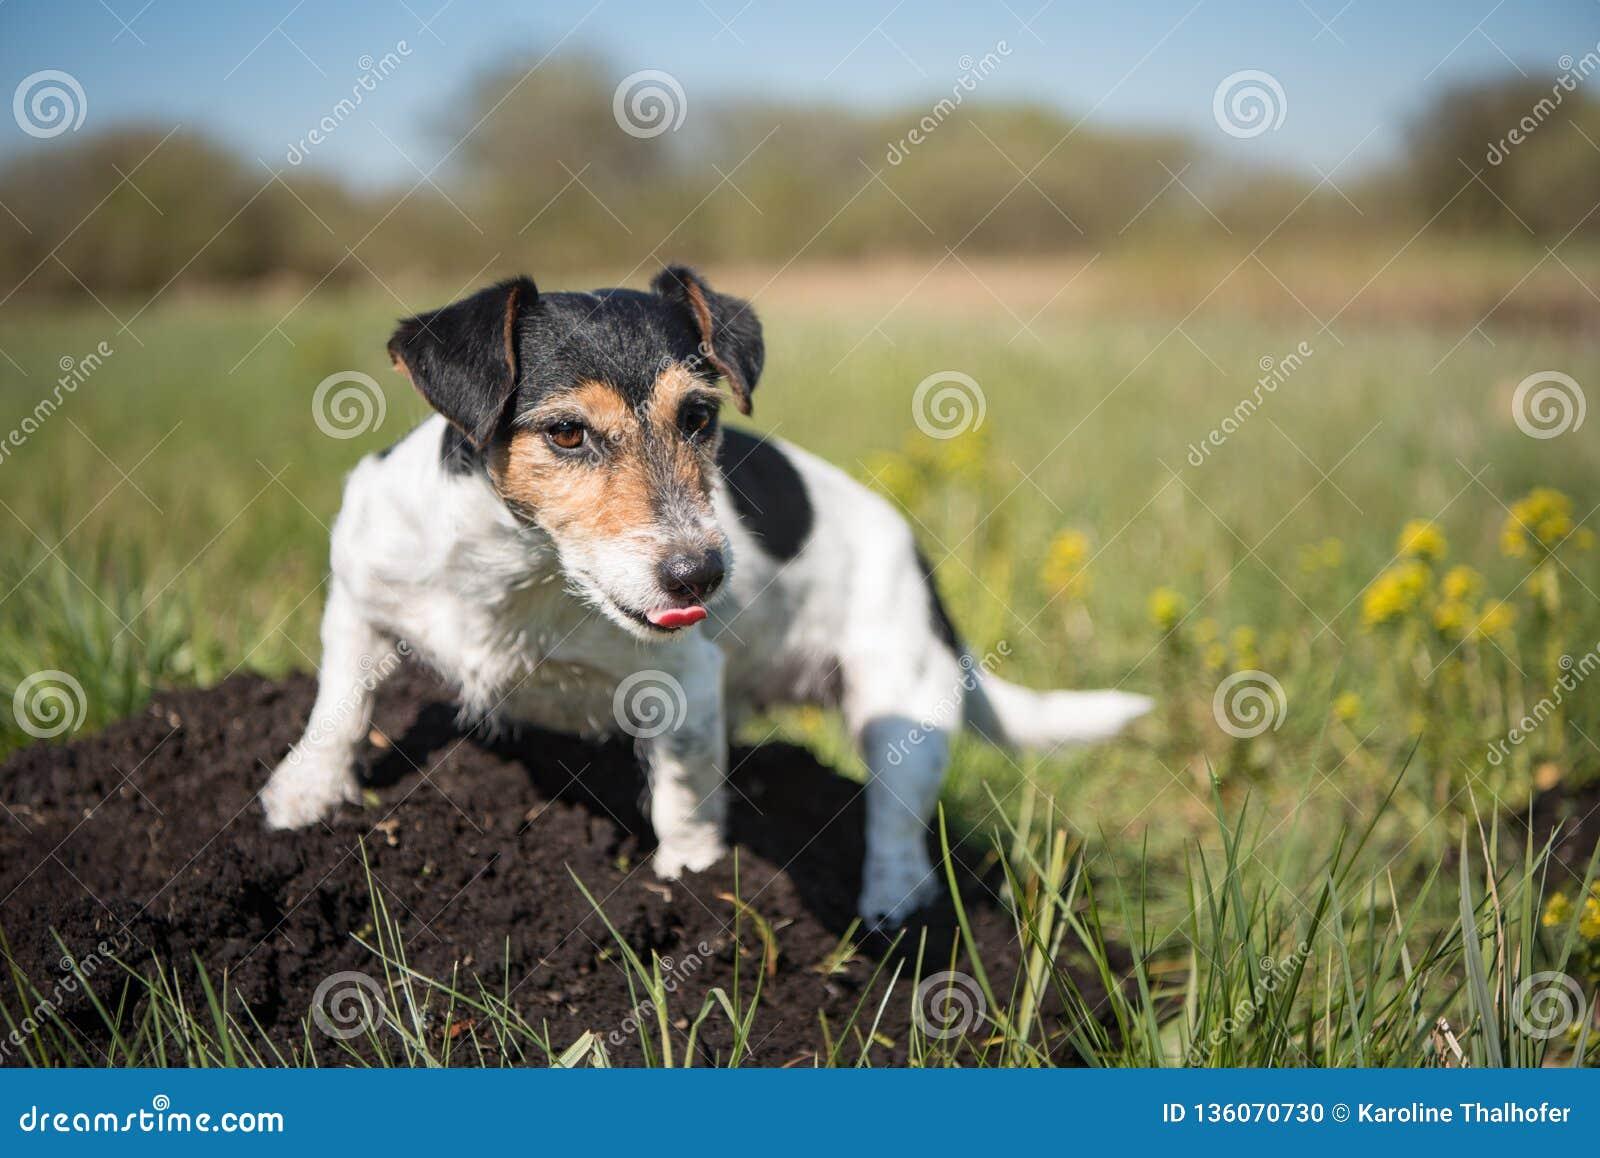 El perro se está sentando en una topera - Jack Russell Terrier 7 años de ol